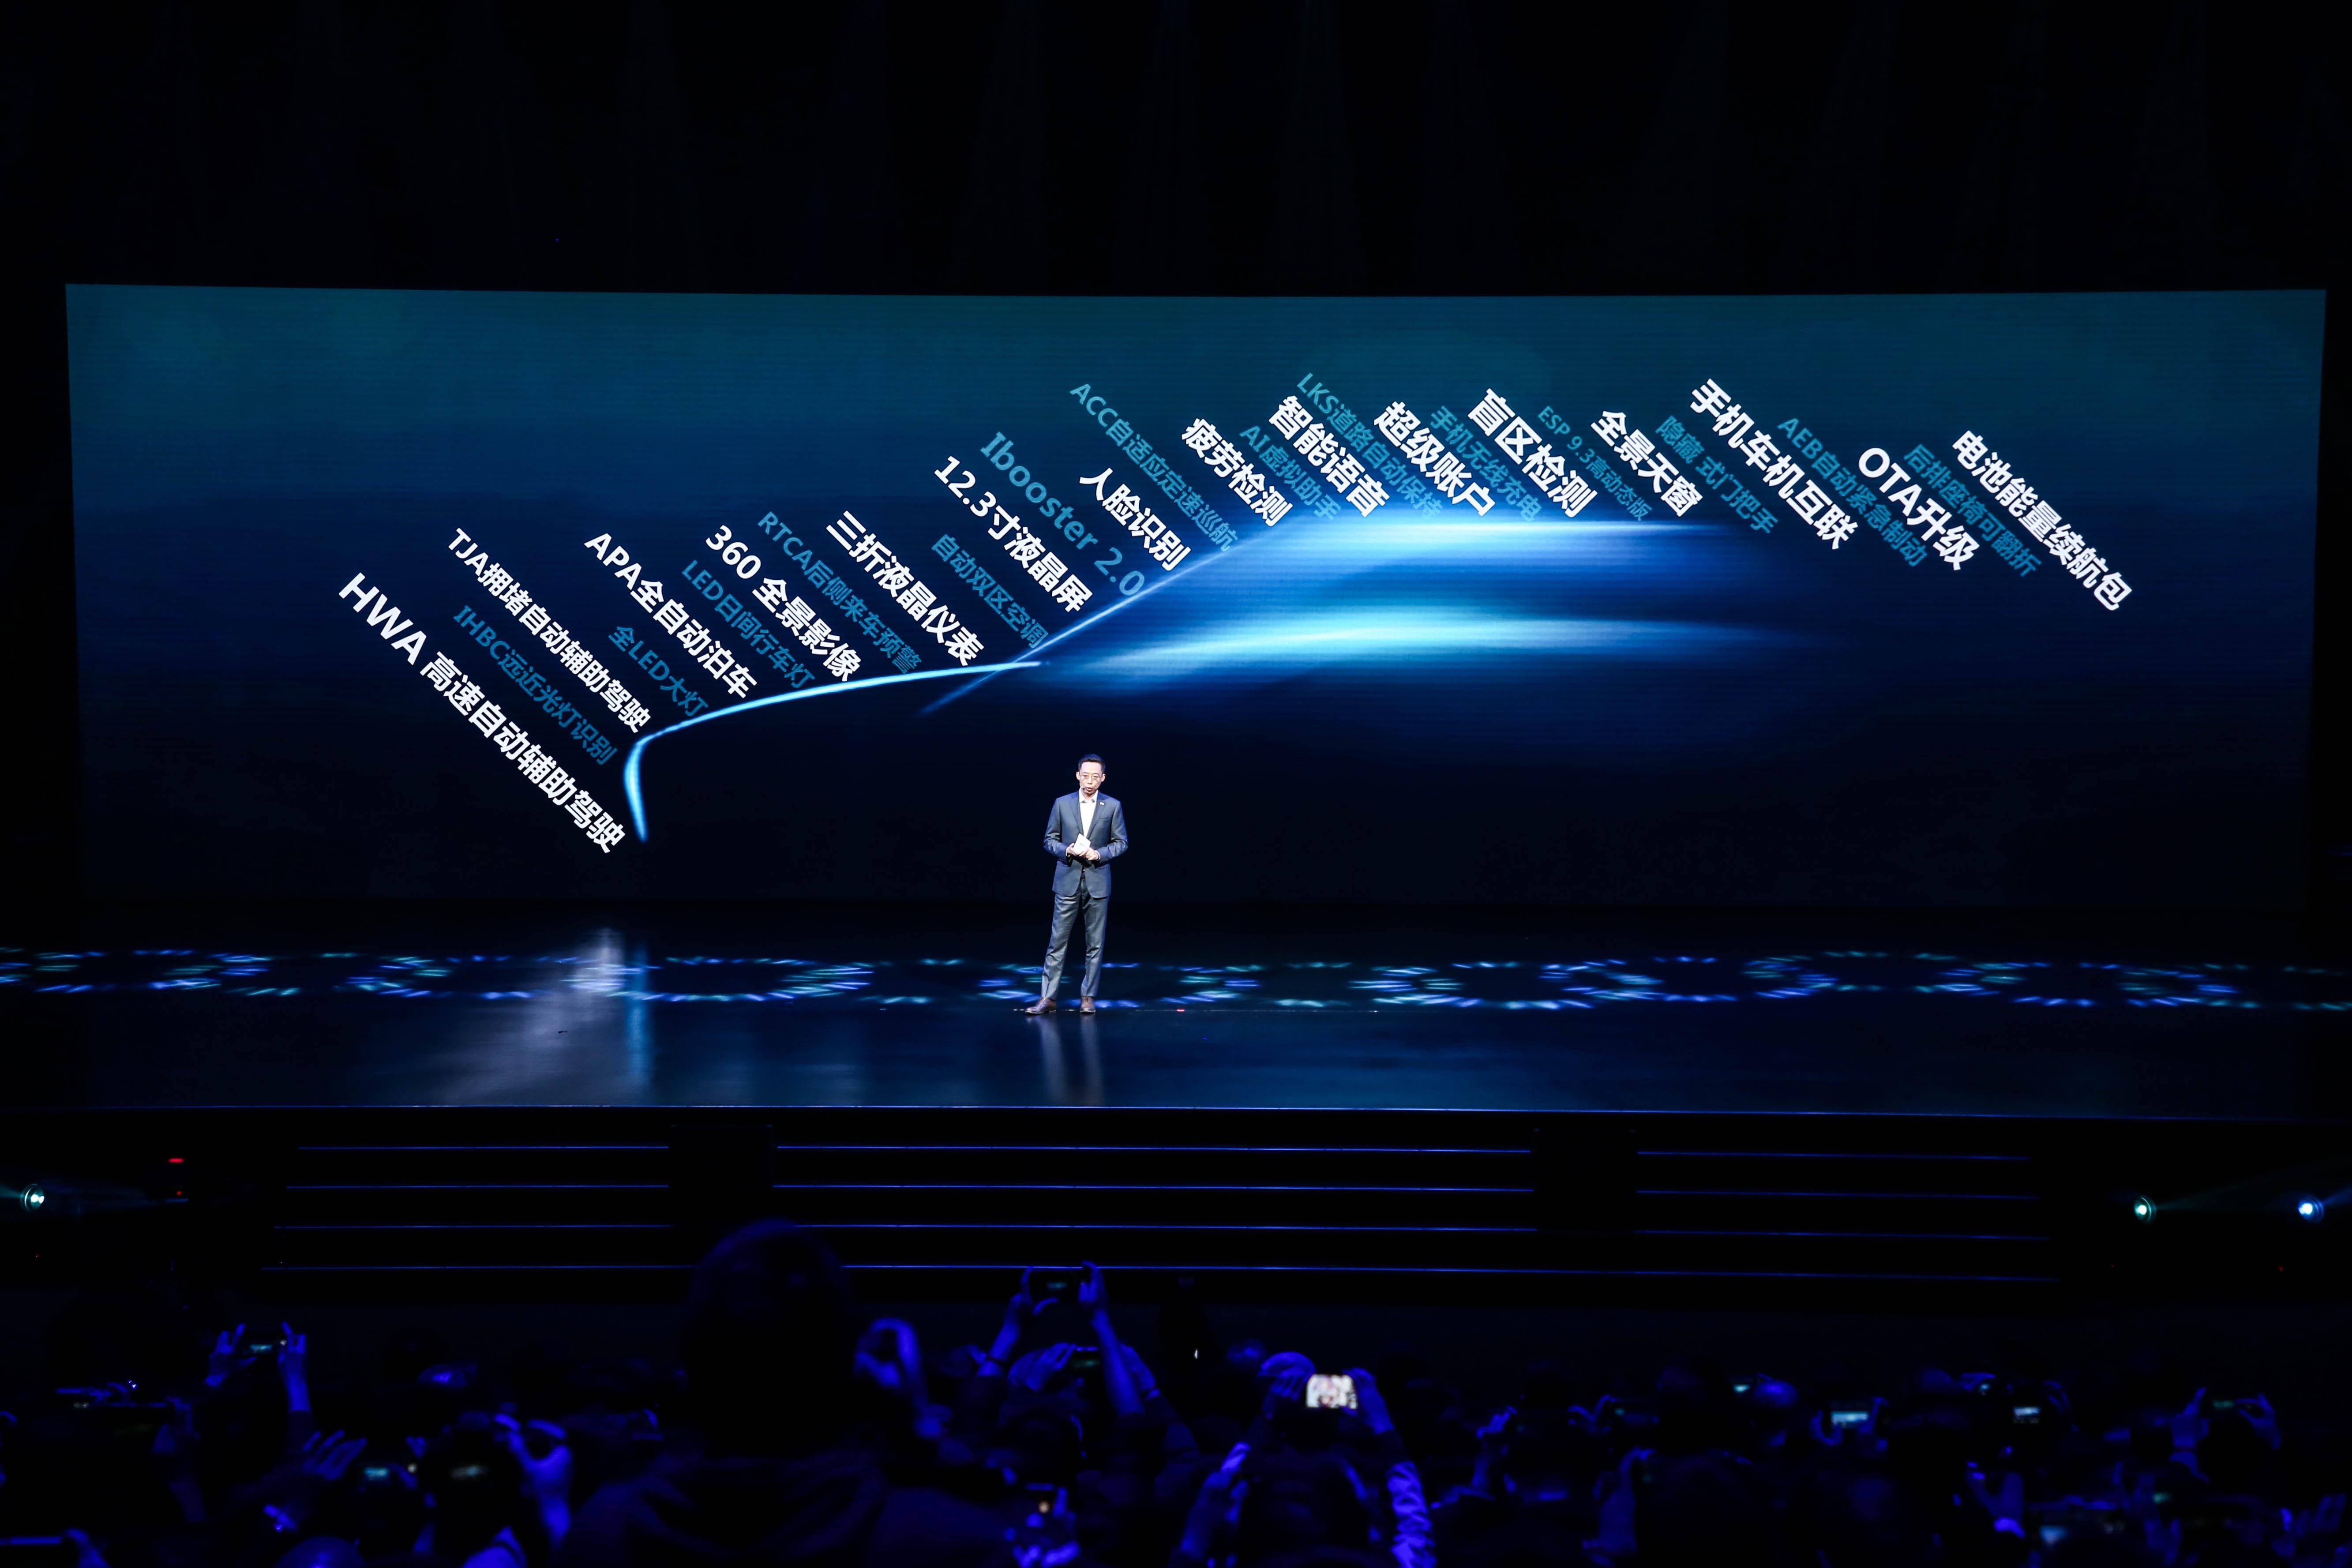 爱驰U5配备上述黑科技